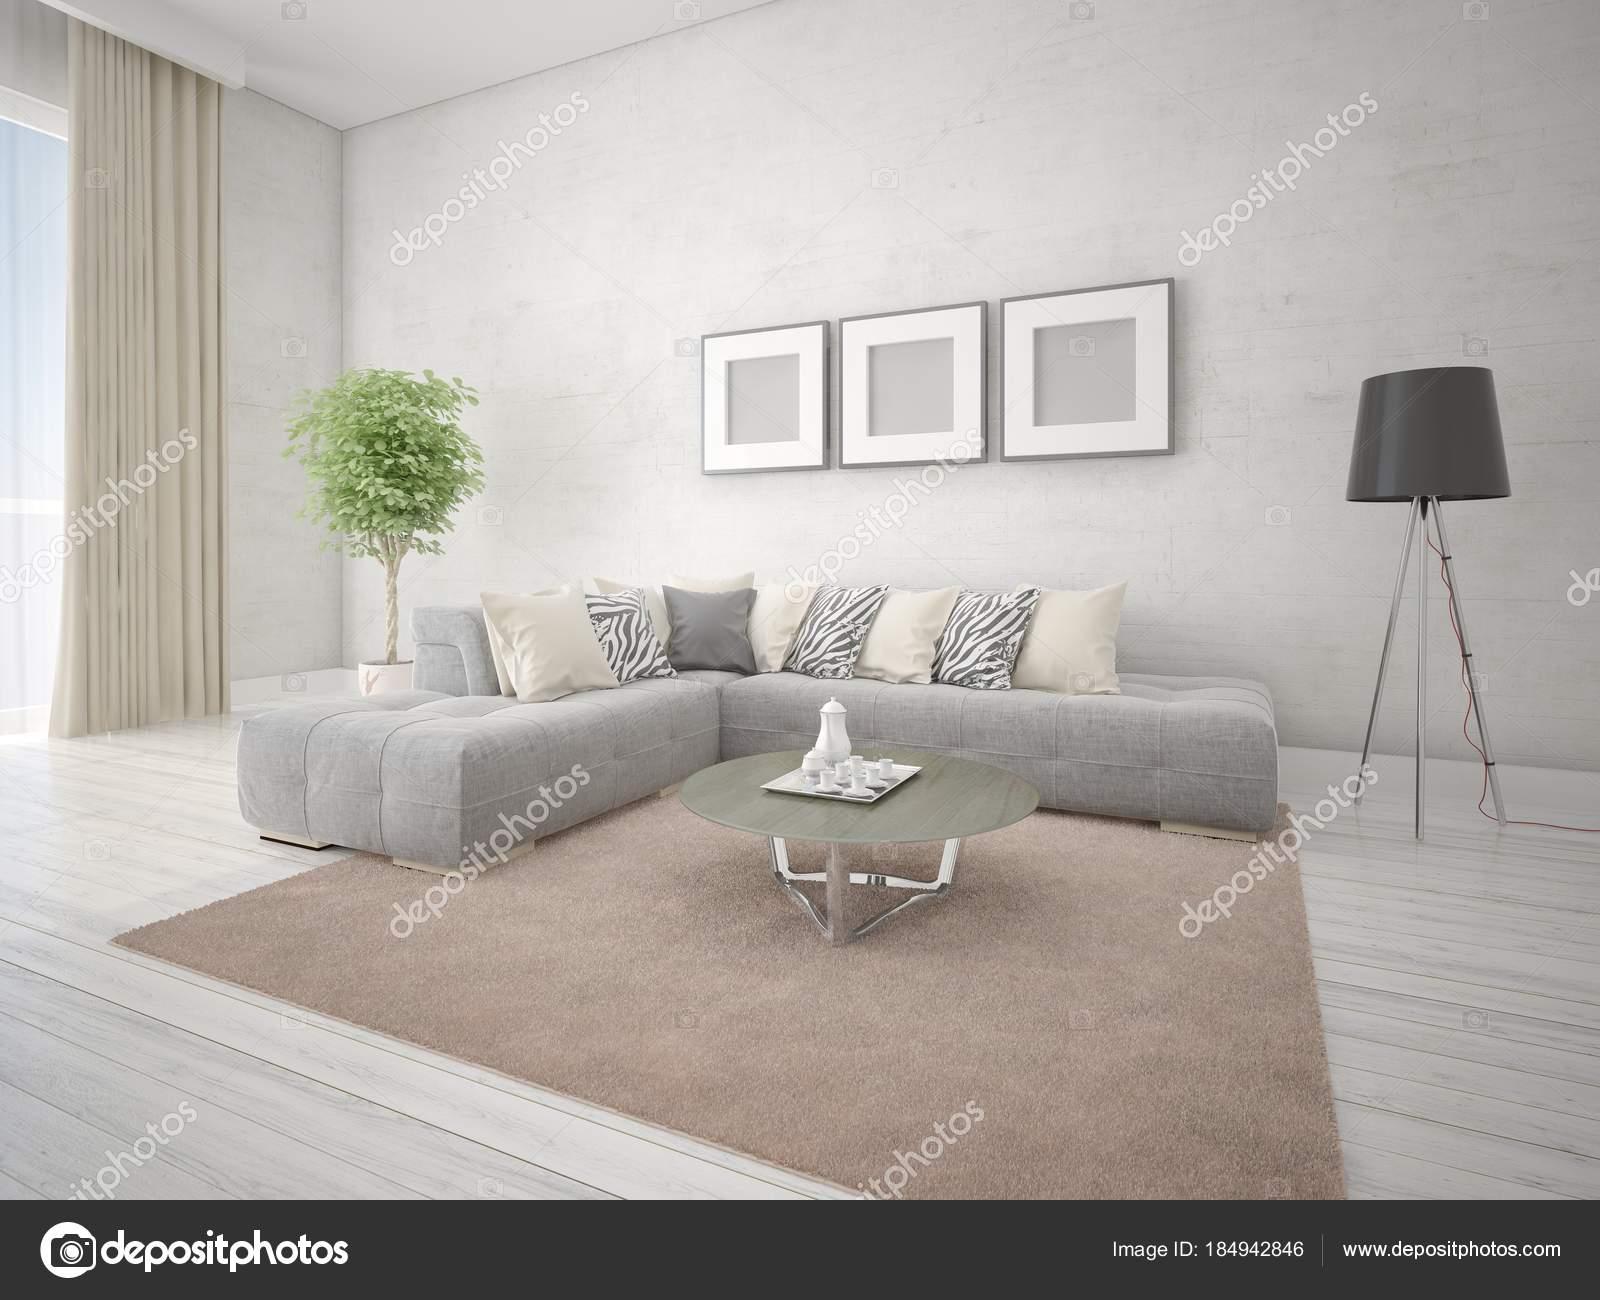 https://st3.depositphotos.com/5028327/18494/i/1600/depositphotos_184942846-stockafbeelding-bespotten-van-een-trendy-woonkamer.jpg